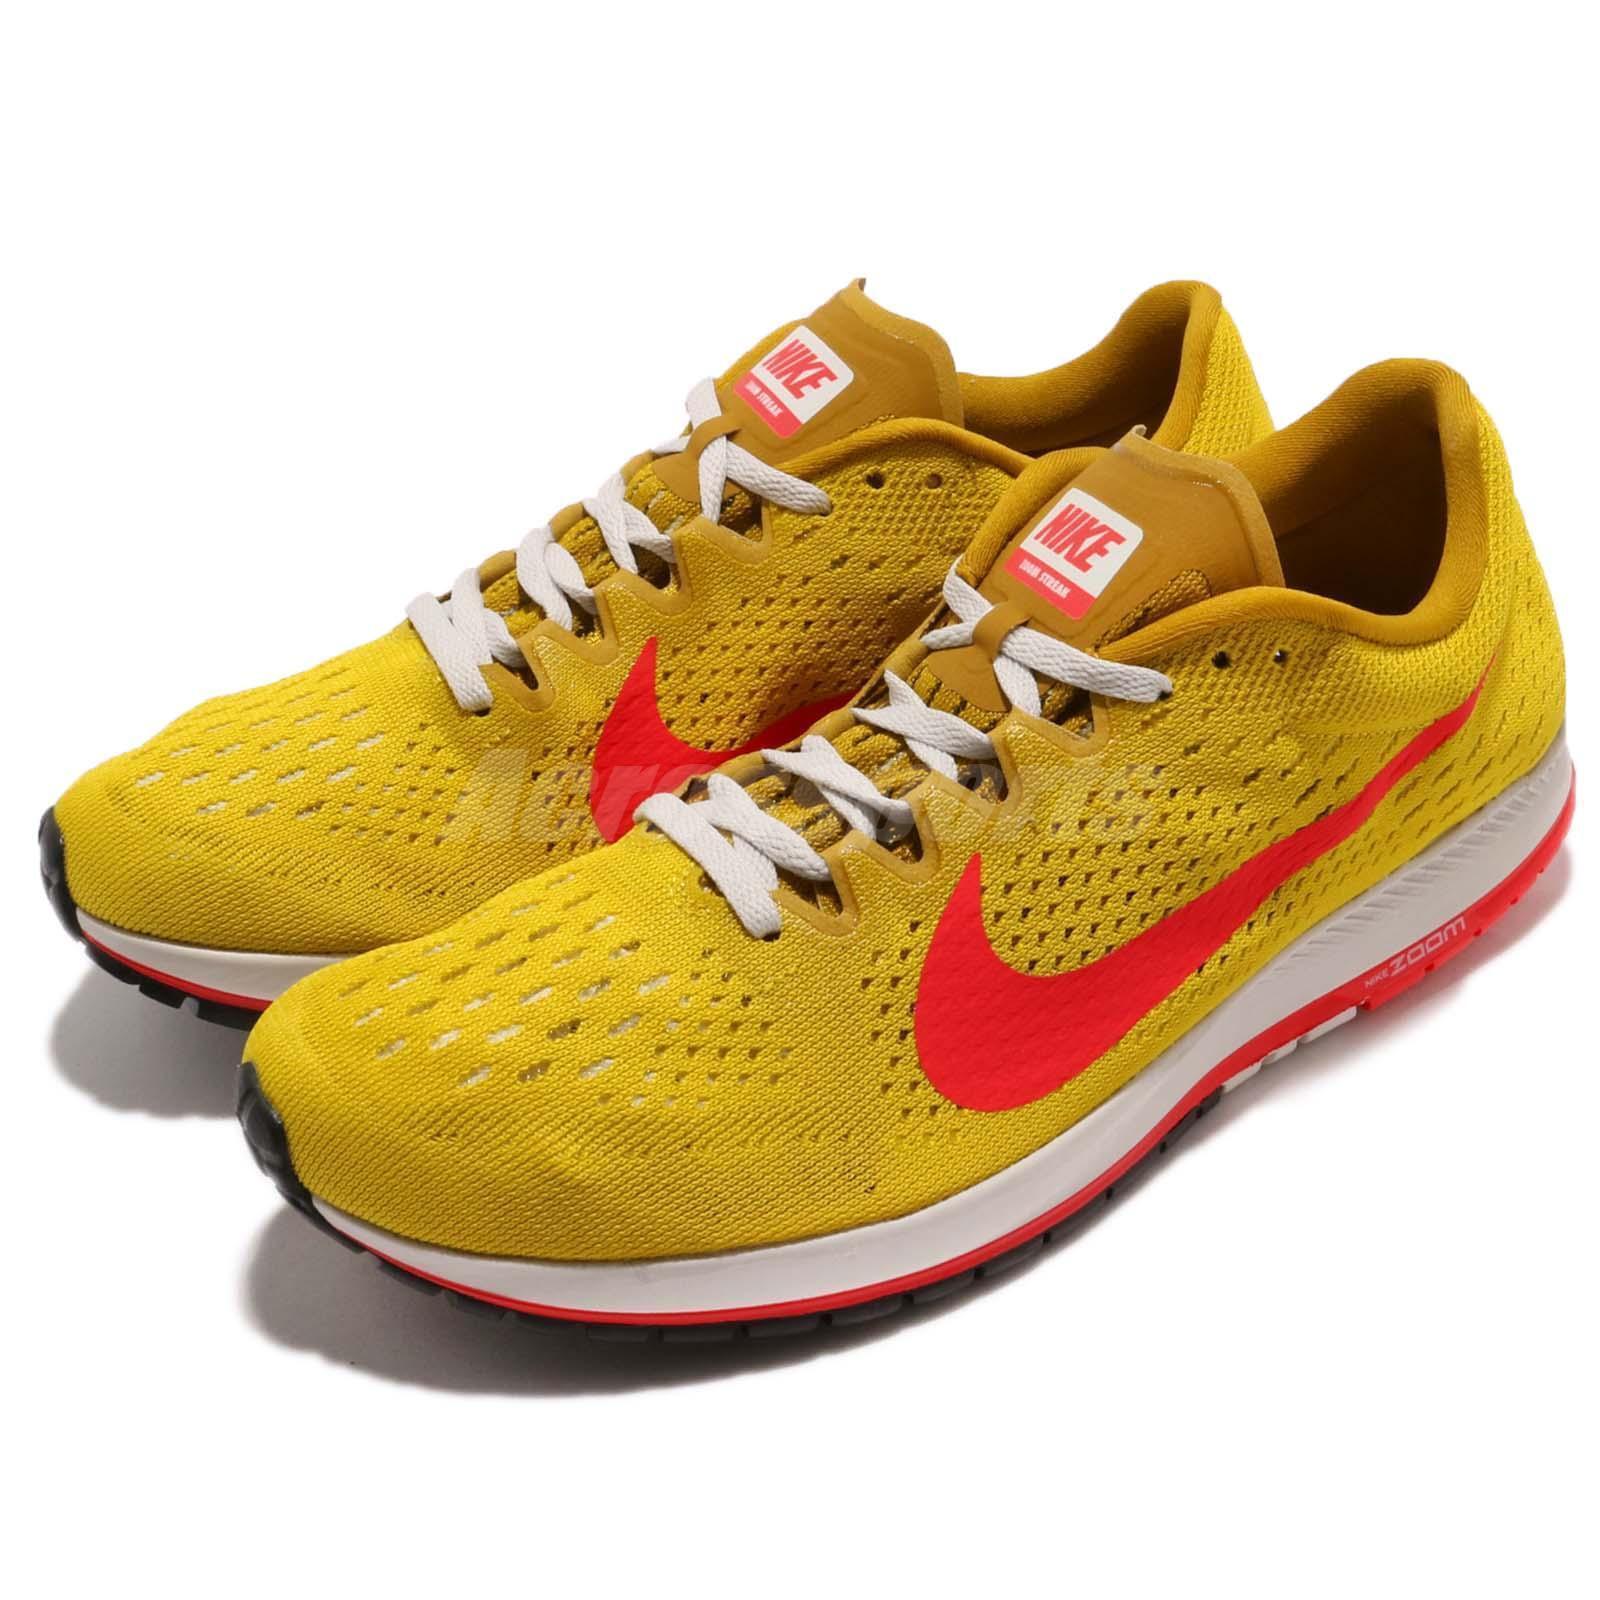 Nike zoom serie 6 vi uomini donne scarpe da da da ginnastica formatori 1 1ee4ab